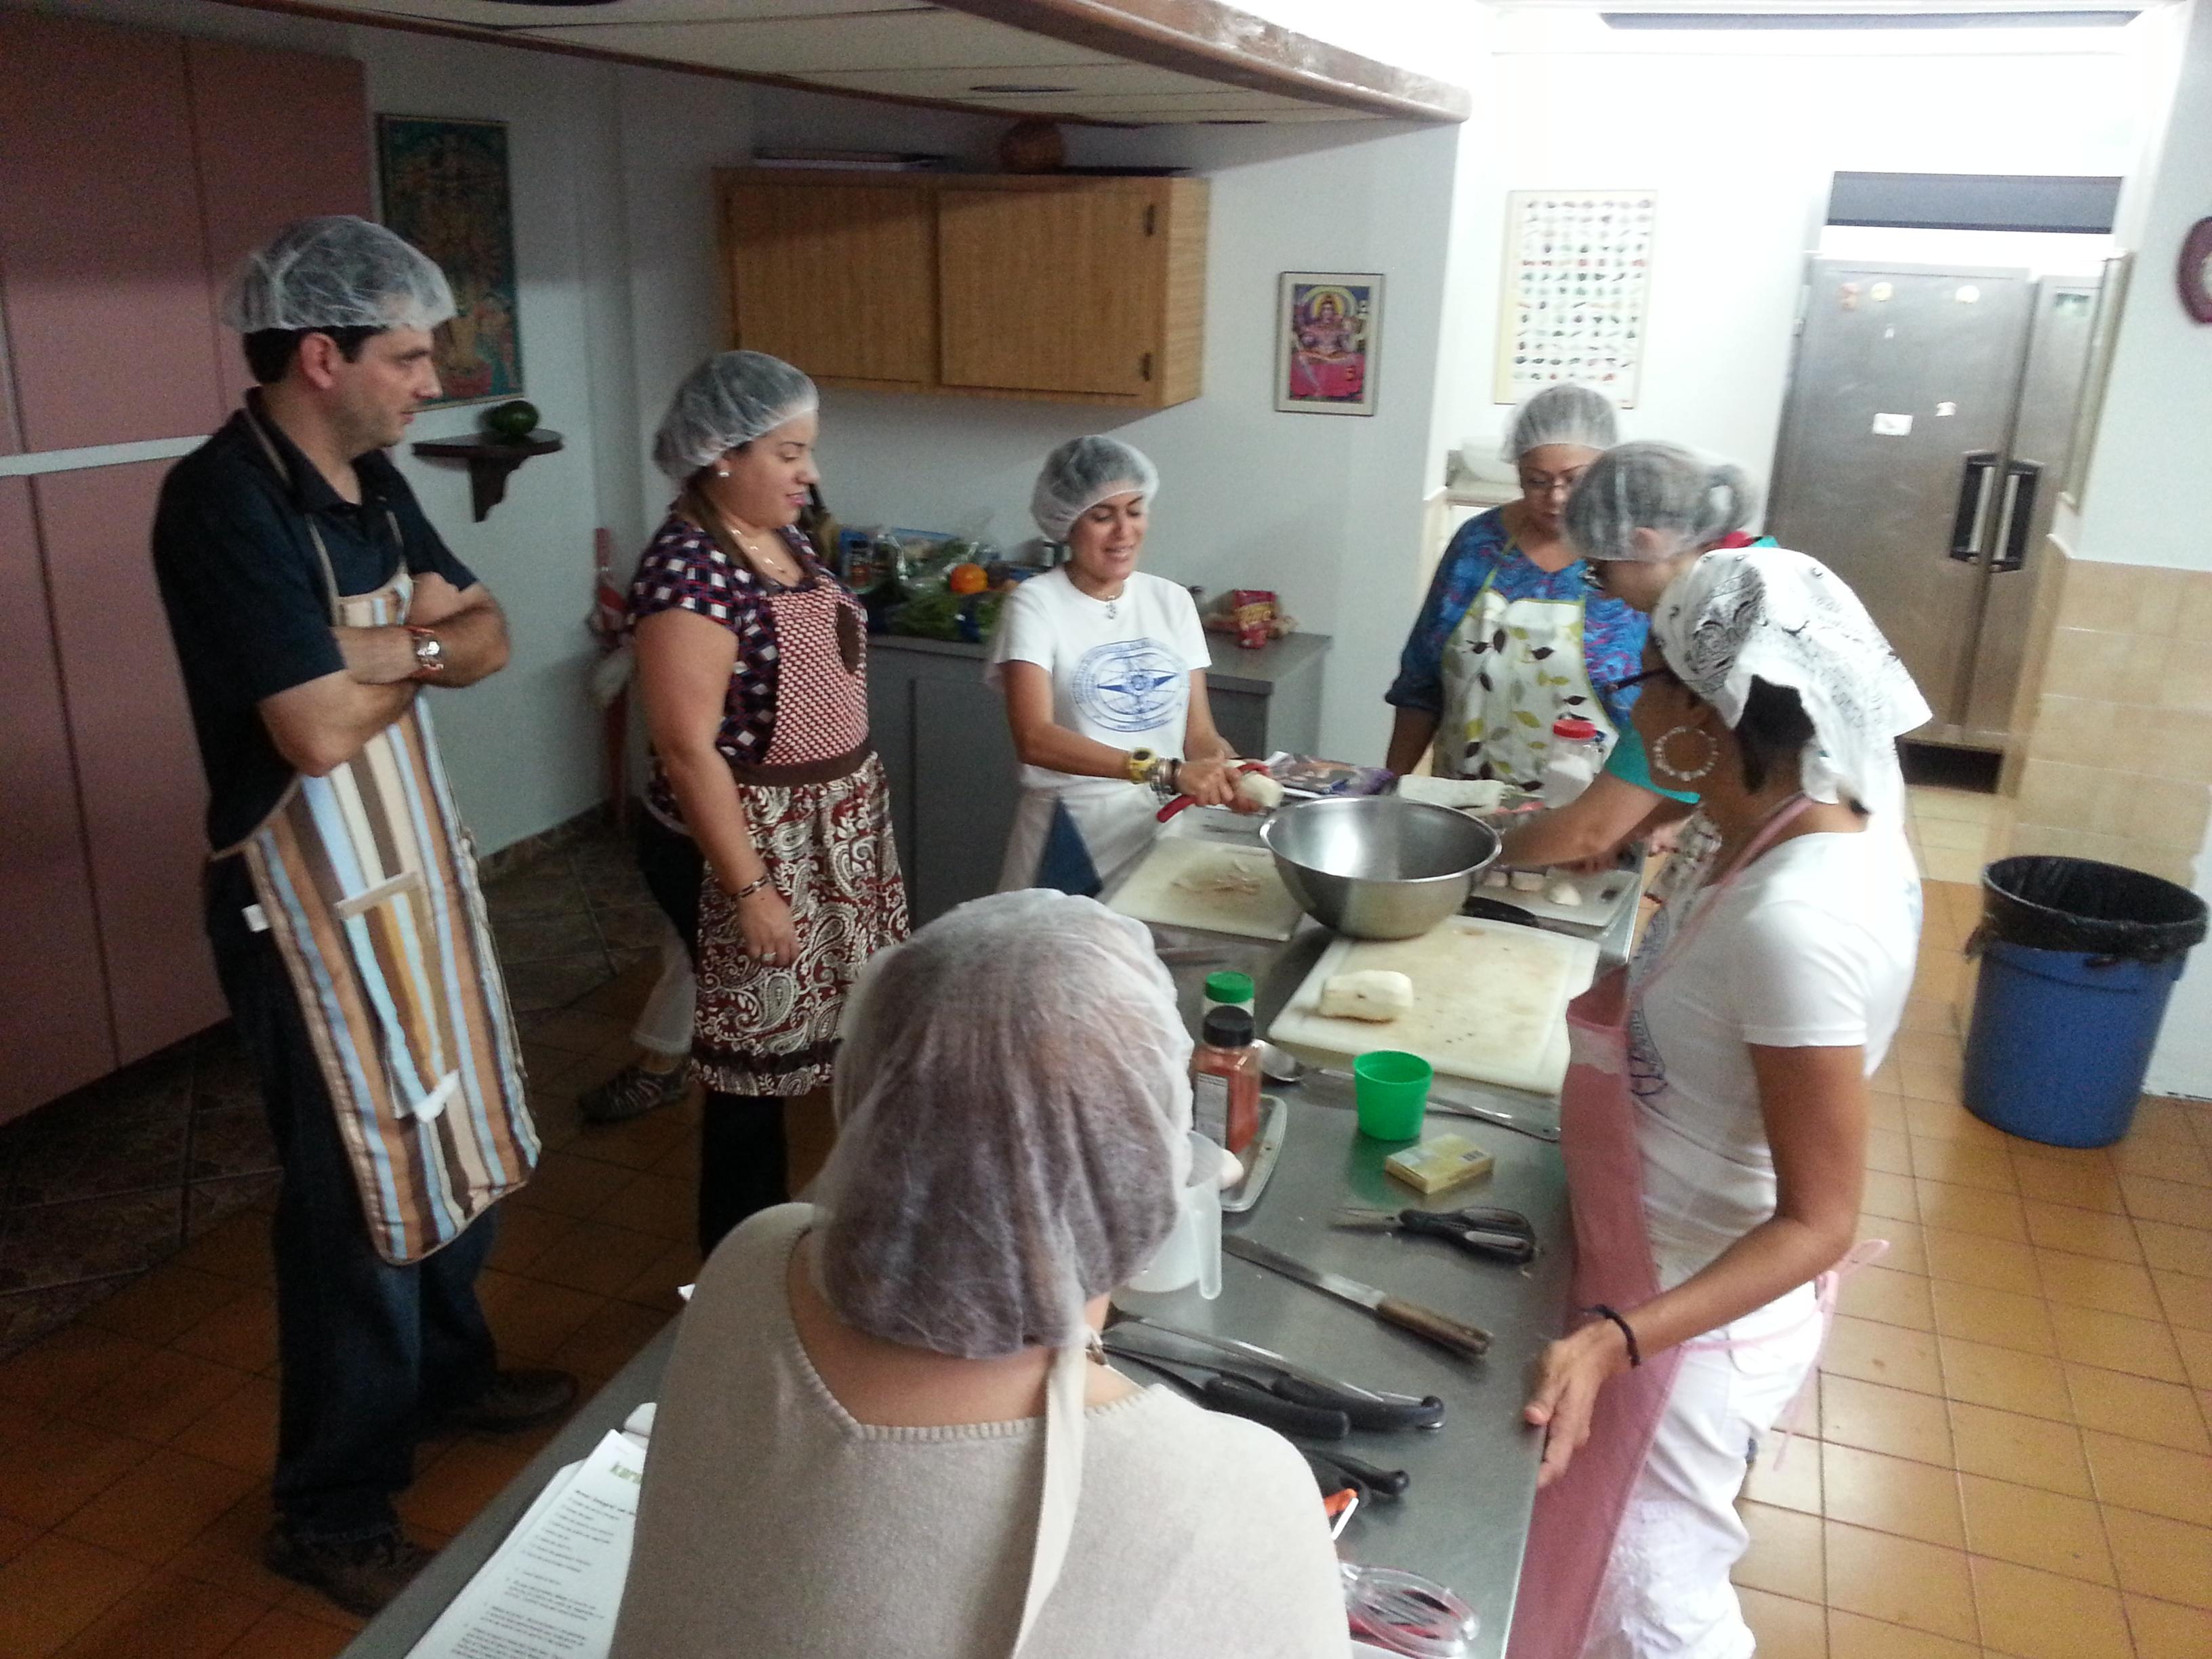 Clases de cocina karmafree cooking en espa ol - Clases de cocina meetic ...